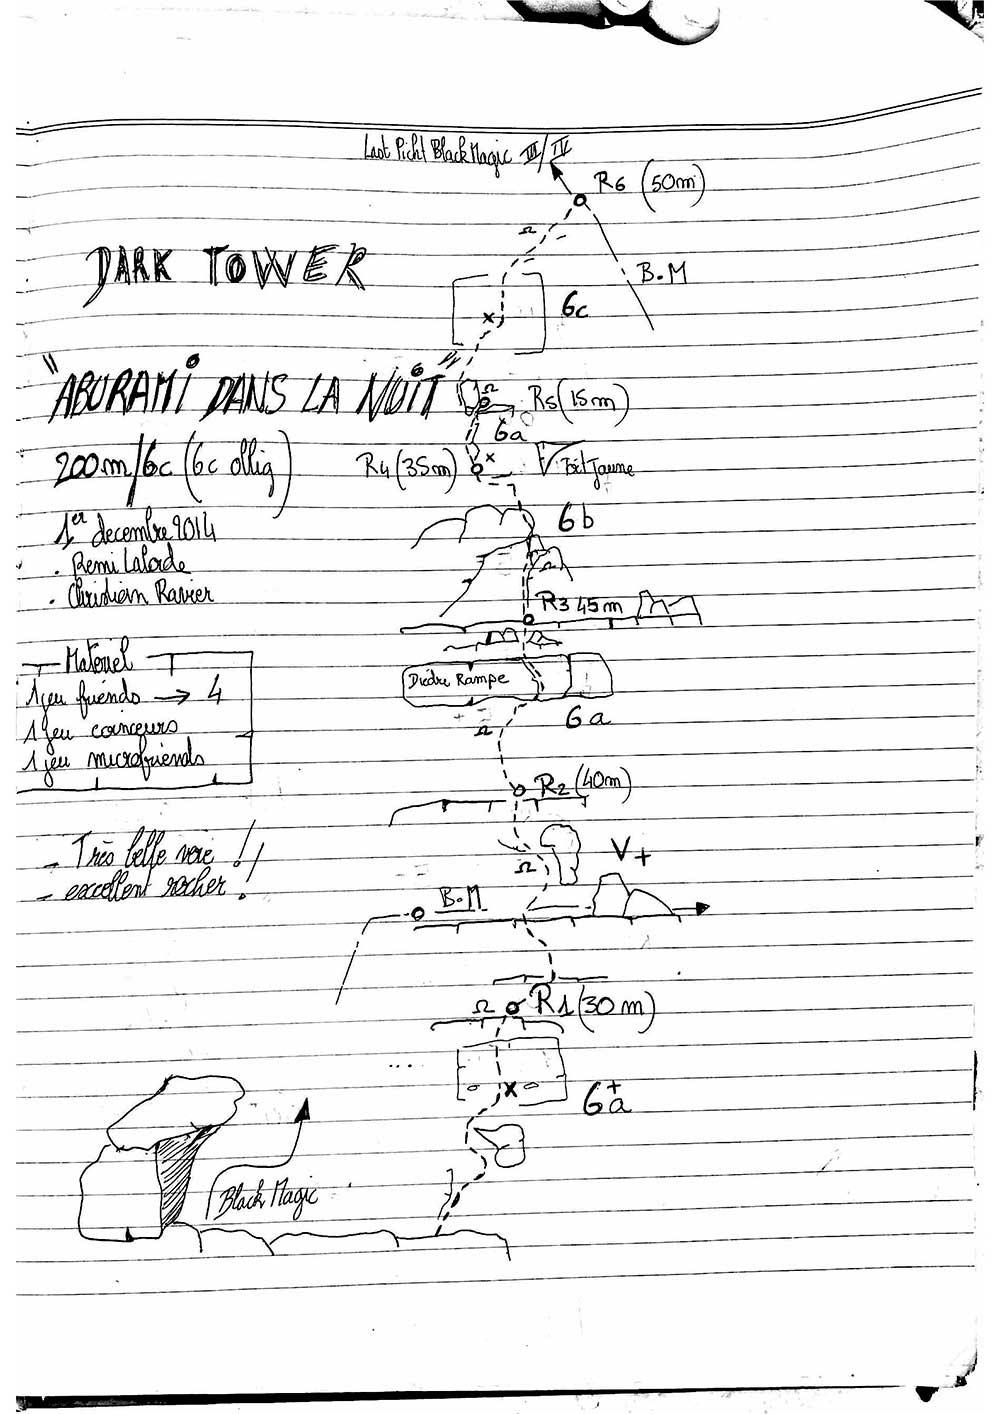 Dark-Tower - Aburami-dans-la-nuit